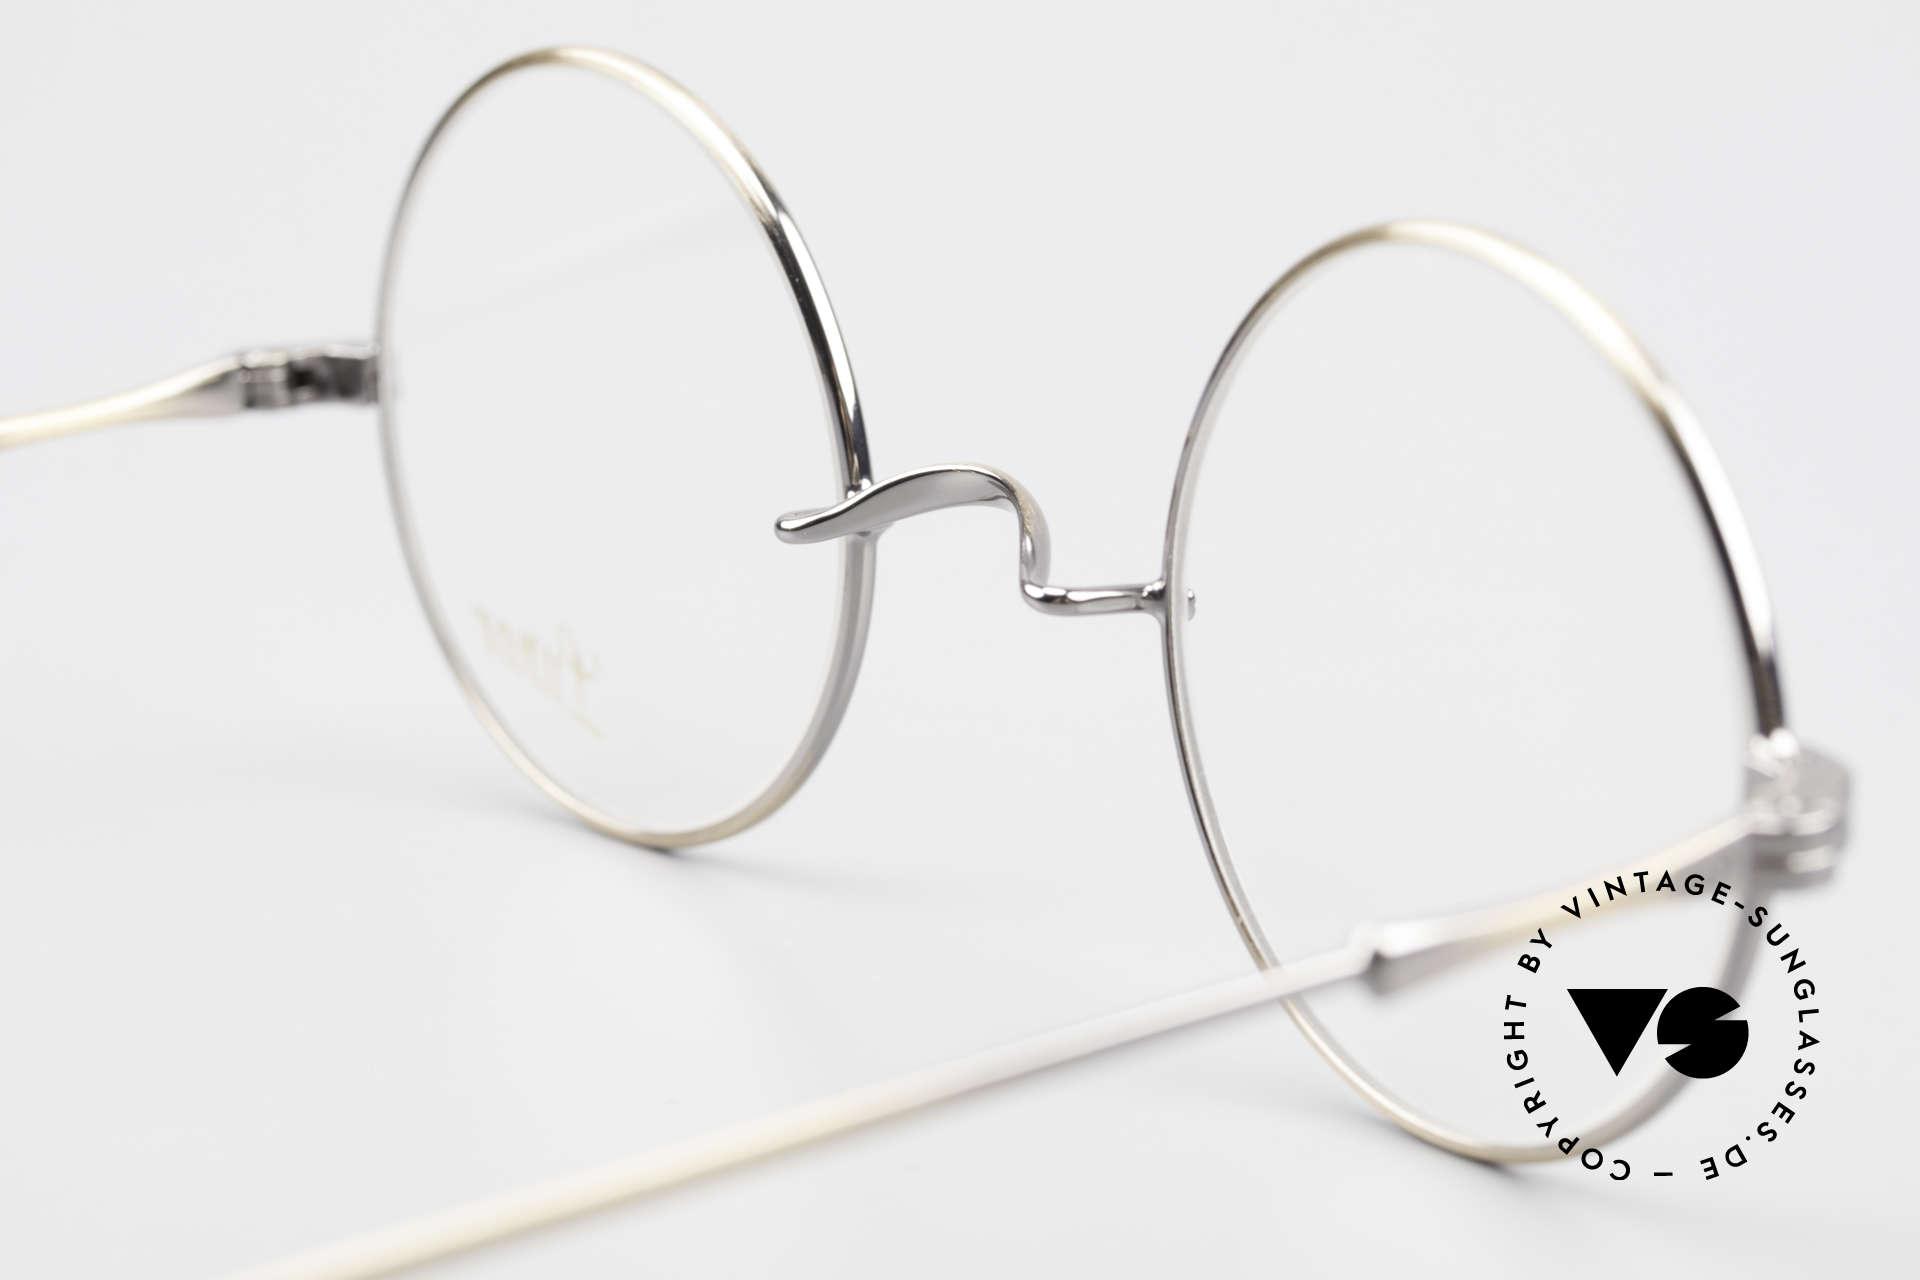 Lunor II 23 Runde Lunor Brille Antik Gold, Größe: medium, Passend für Herren und Damen